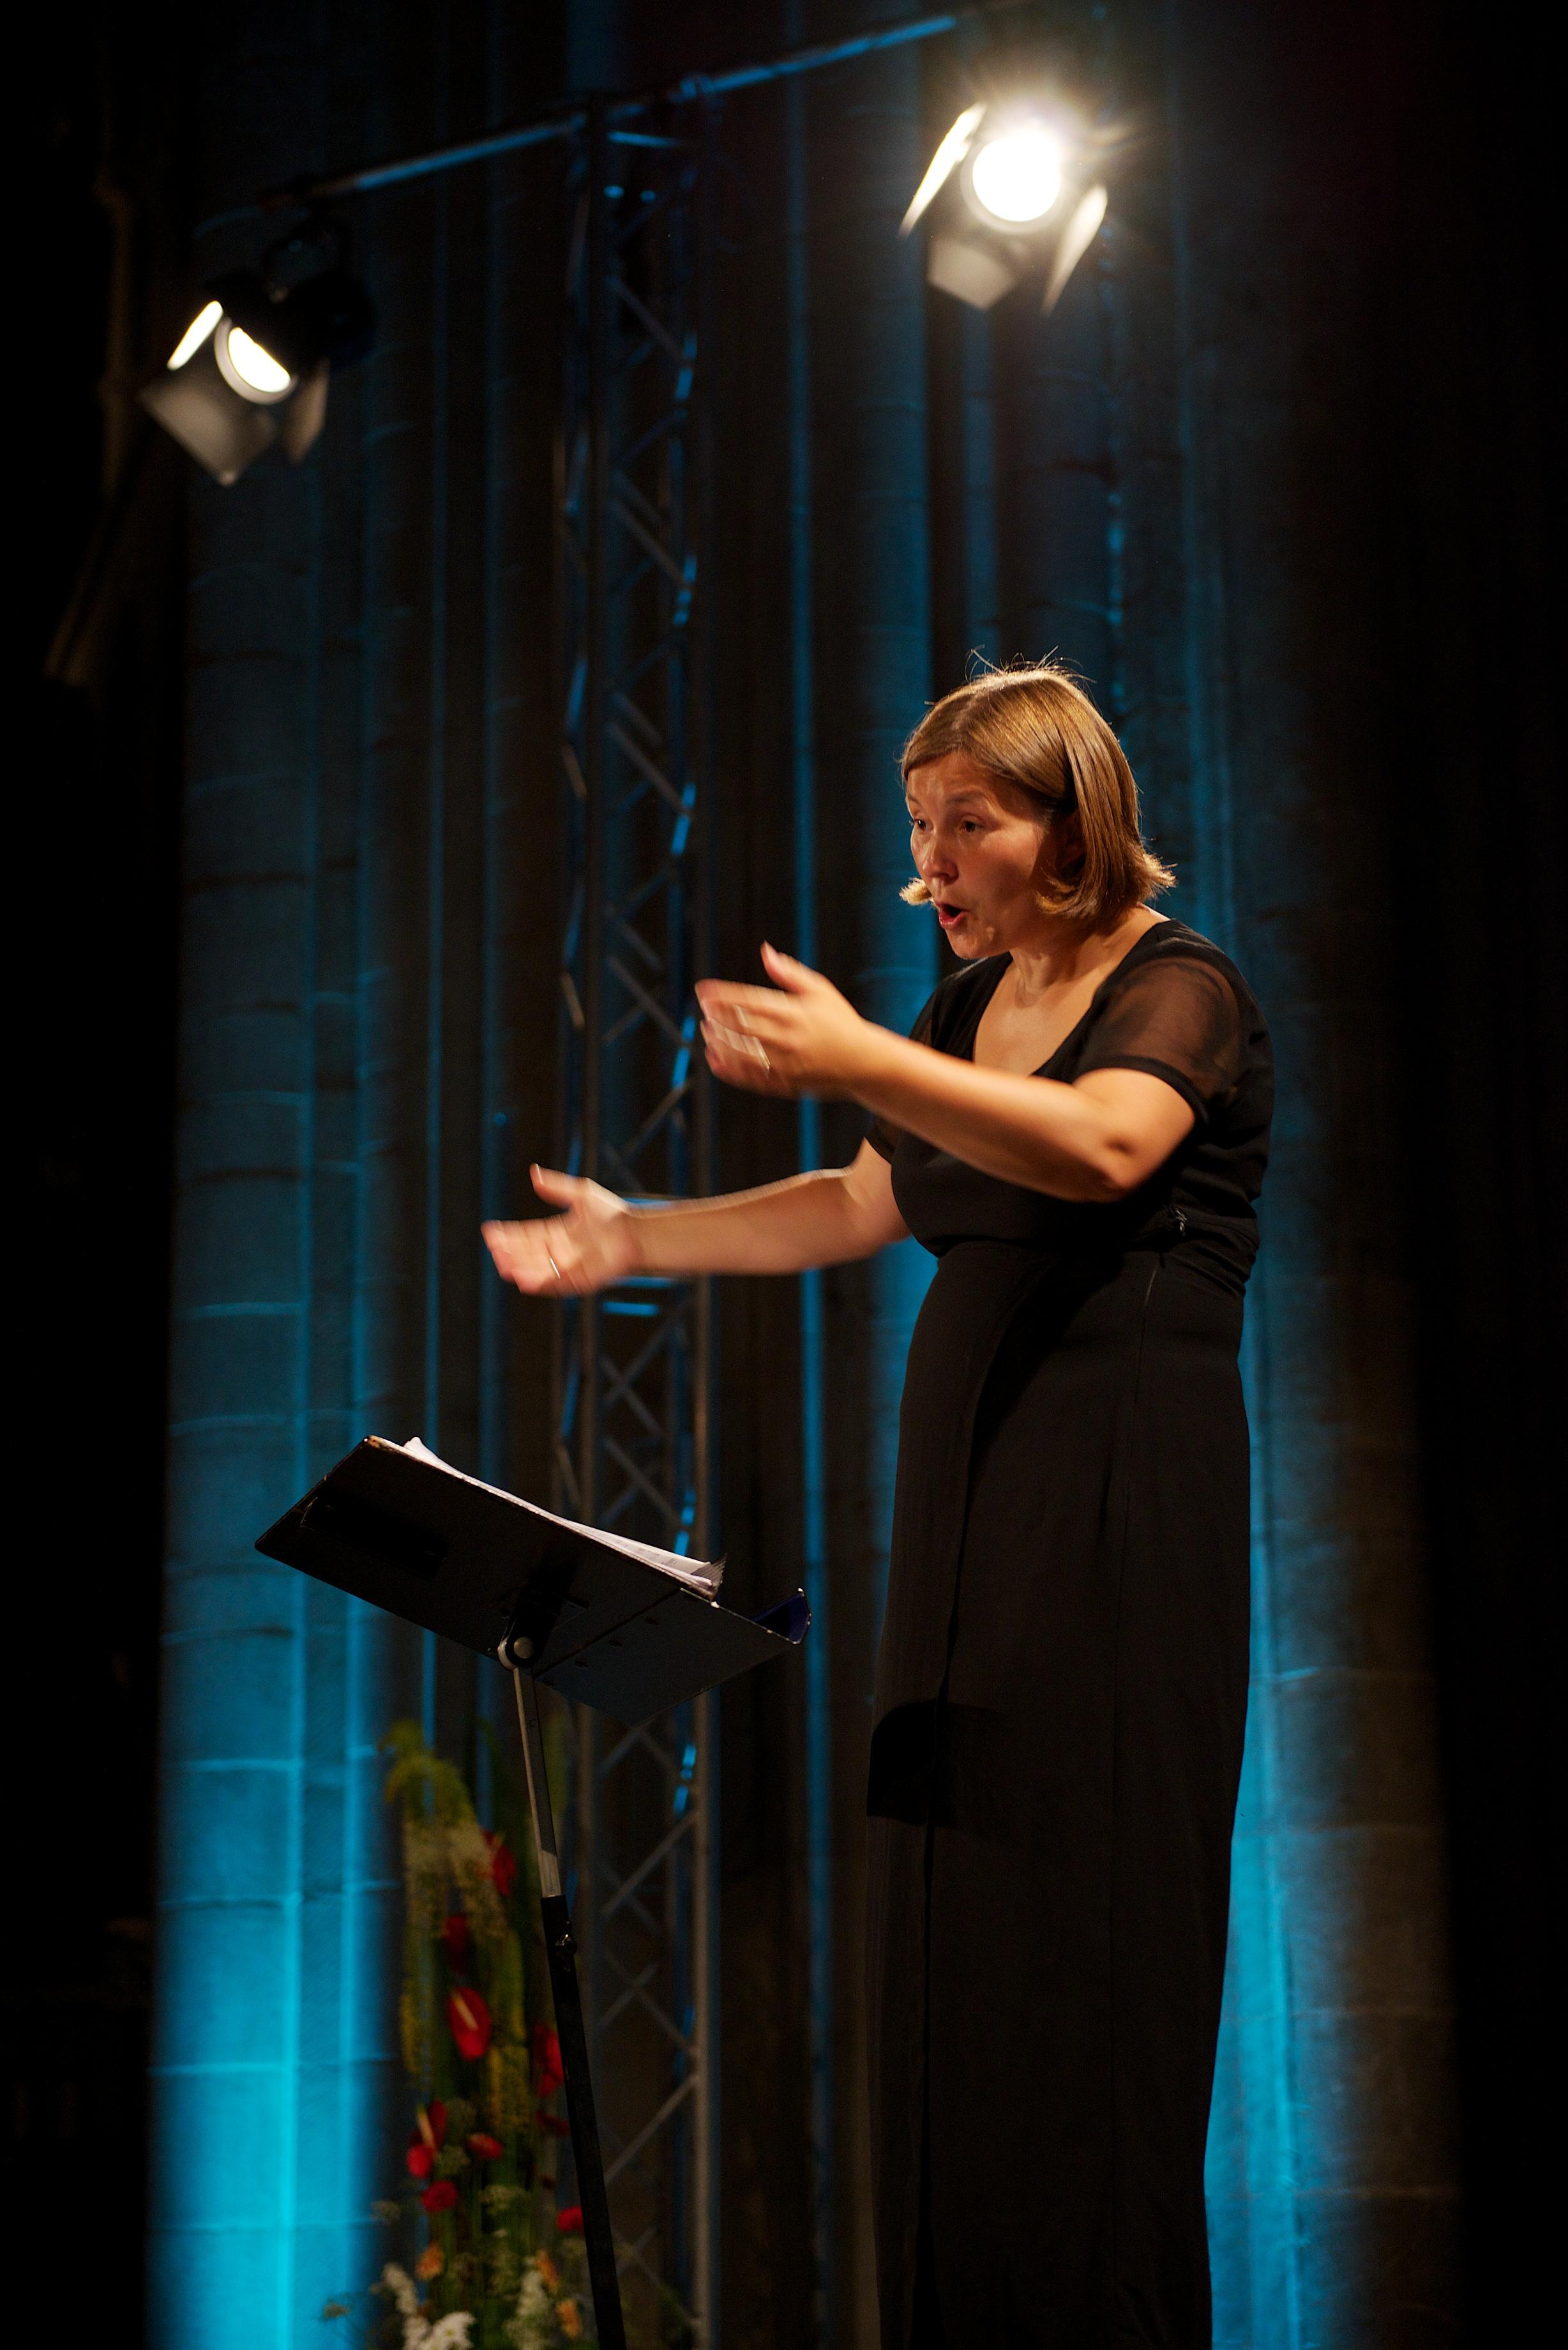 - Anne Karin Sundal-Ask har vært ansatt som dirigent og kunstnerisk leder for Det Norske Jentekor siden våren 2005. Hun er utdannet dirigent, fløytist og pedagog. Sundal-Ask har mottatt flere utmerkelser for sin korledelse og har ledet flere kor til seier i en rekke internasjonale konkurranser. Hun beskrives som en kvalitetsbevisst, målrettet og inspirerende leder og evner å formidle sine musikalske mål til sangerne slik at hver enkelt yter sitt beste. Dirigentens fokus på intonasjon, klang og ensemblemusisering er blitt et varemerke, og hun jobber kontinuerlig med å skape musikalske uttrykk som berører både publikum og sangere.